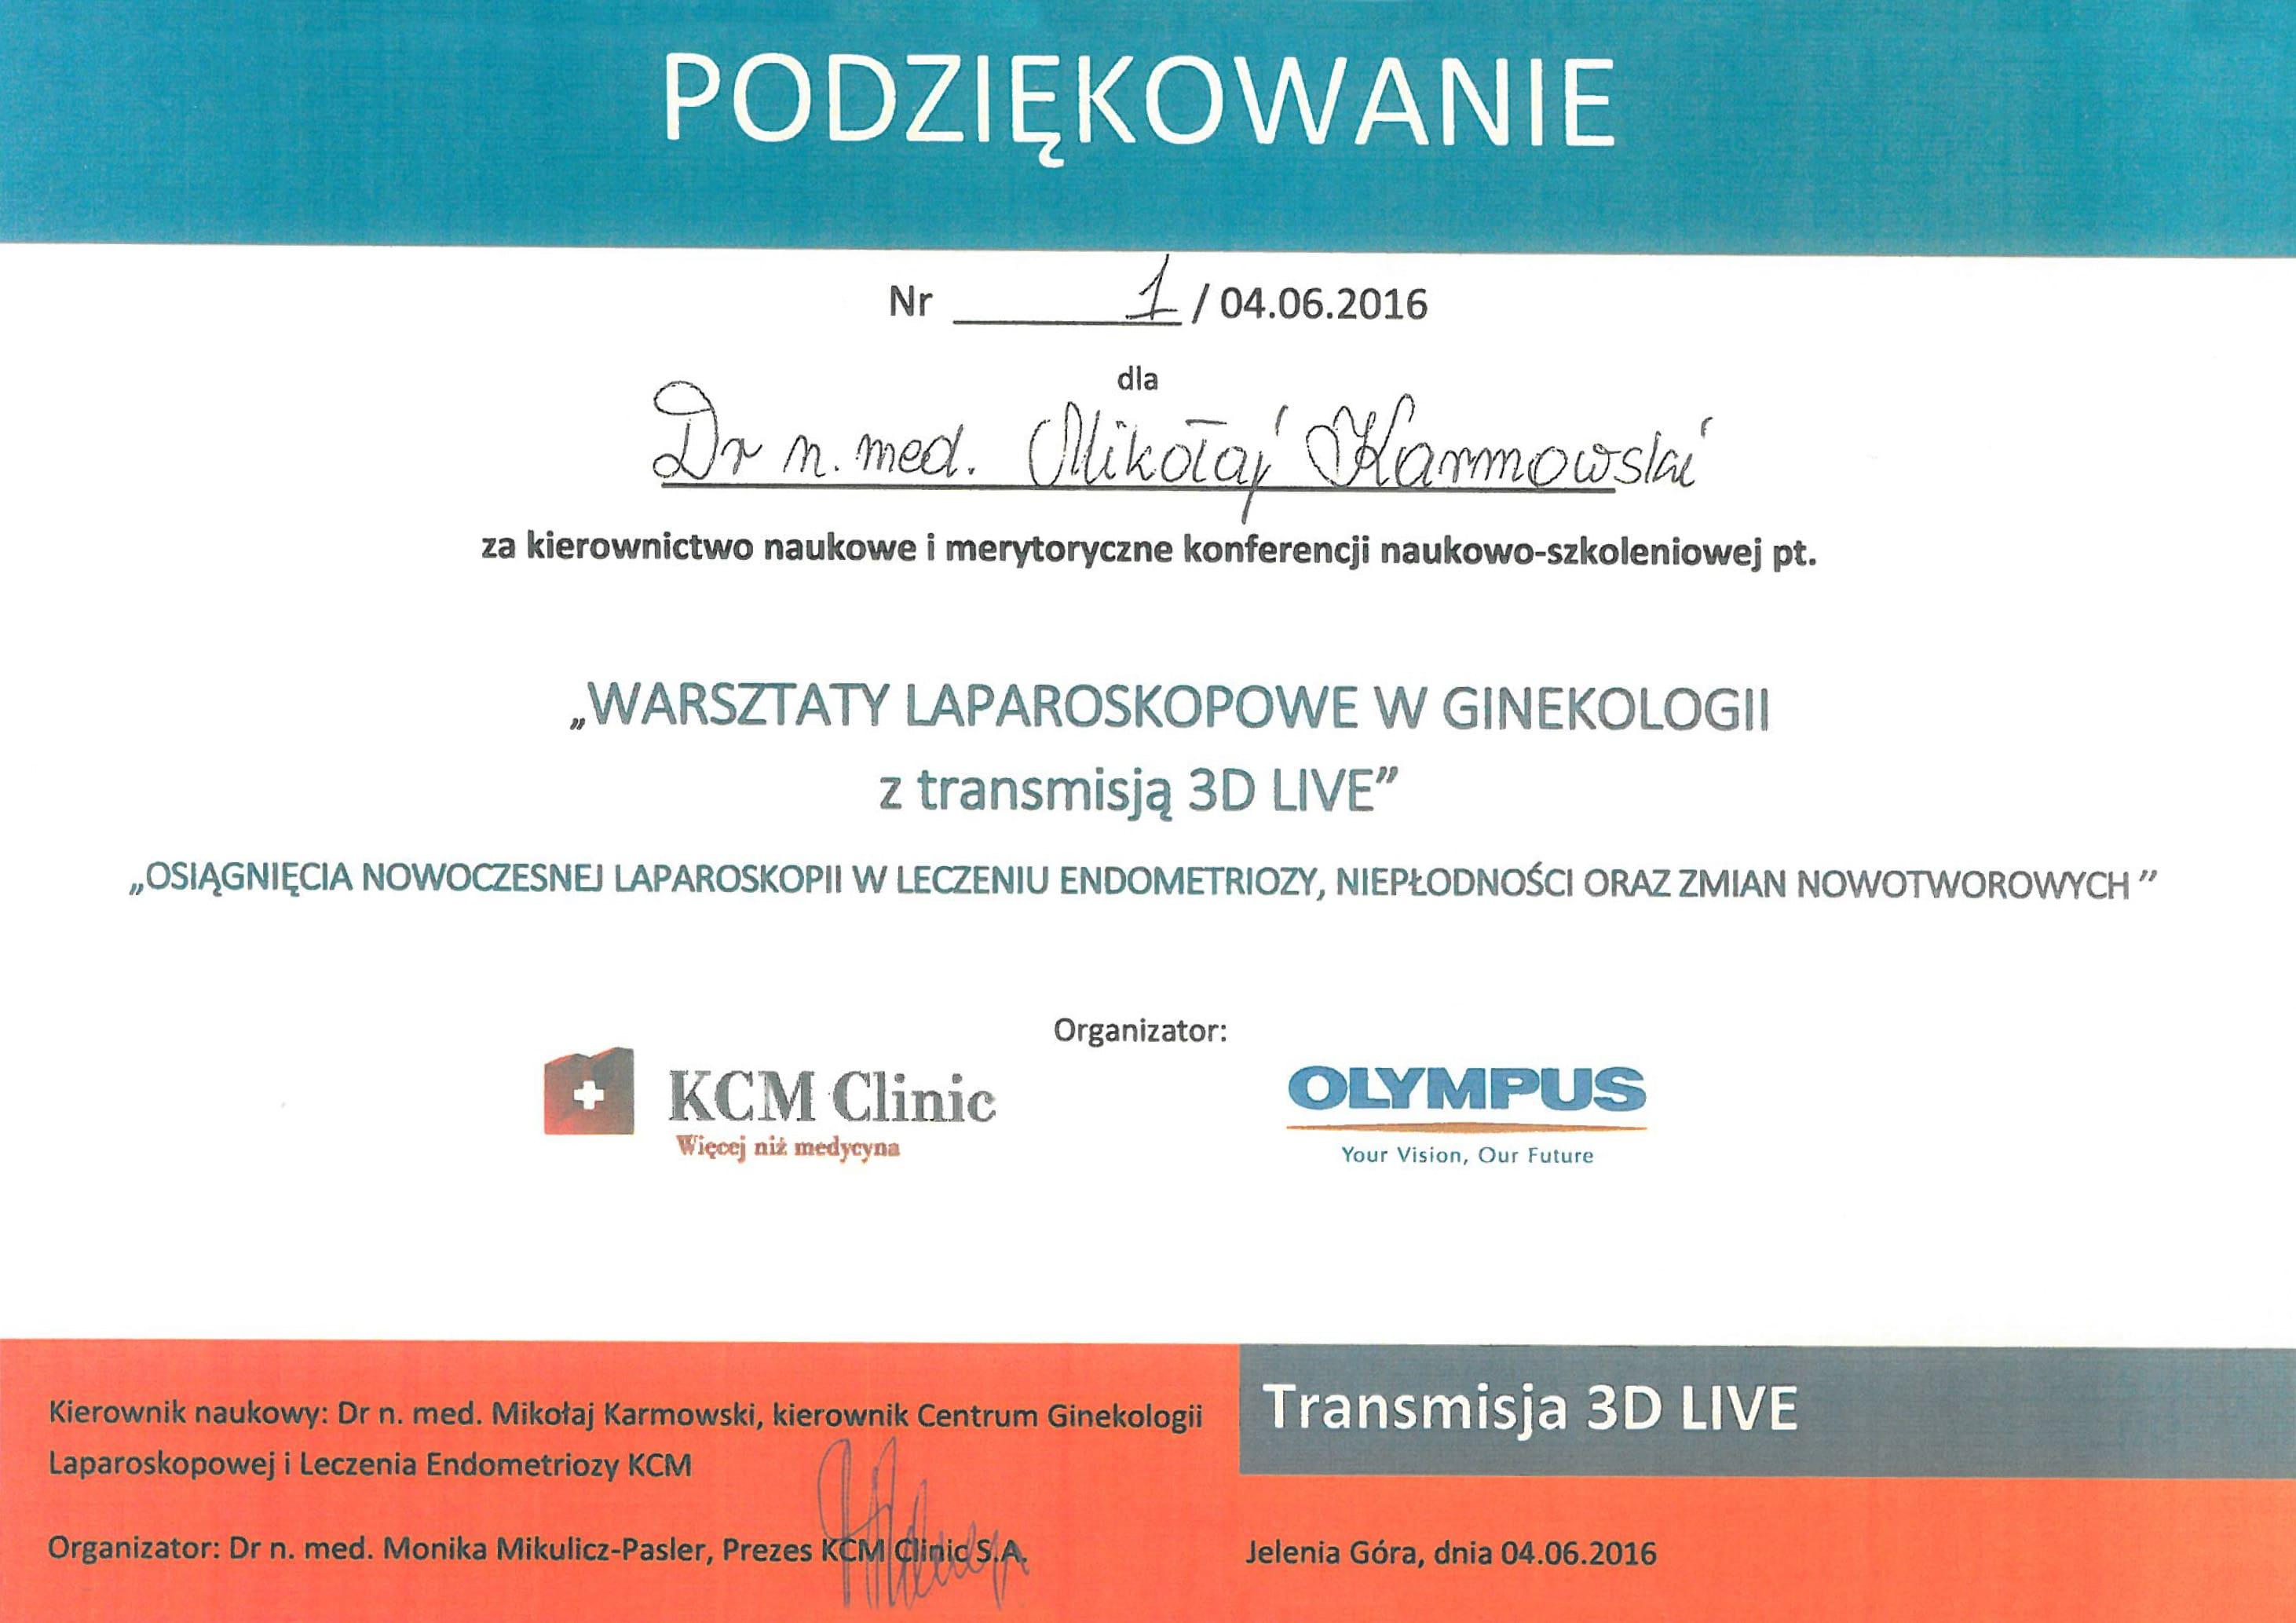 Mikołaj Karmowski certyfikat warsztaty laparoskopowe w ginekologii z transmisją 3D live